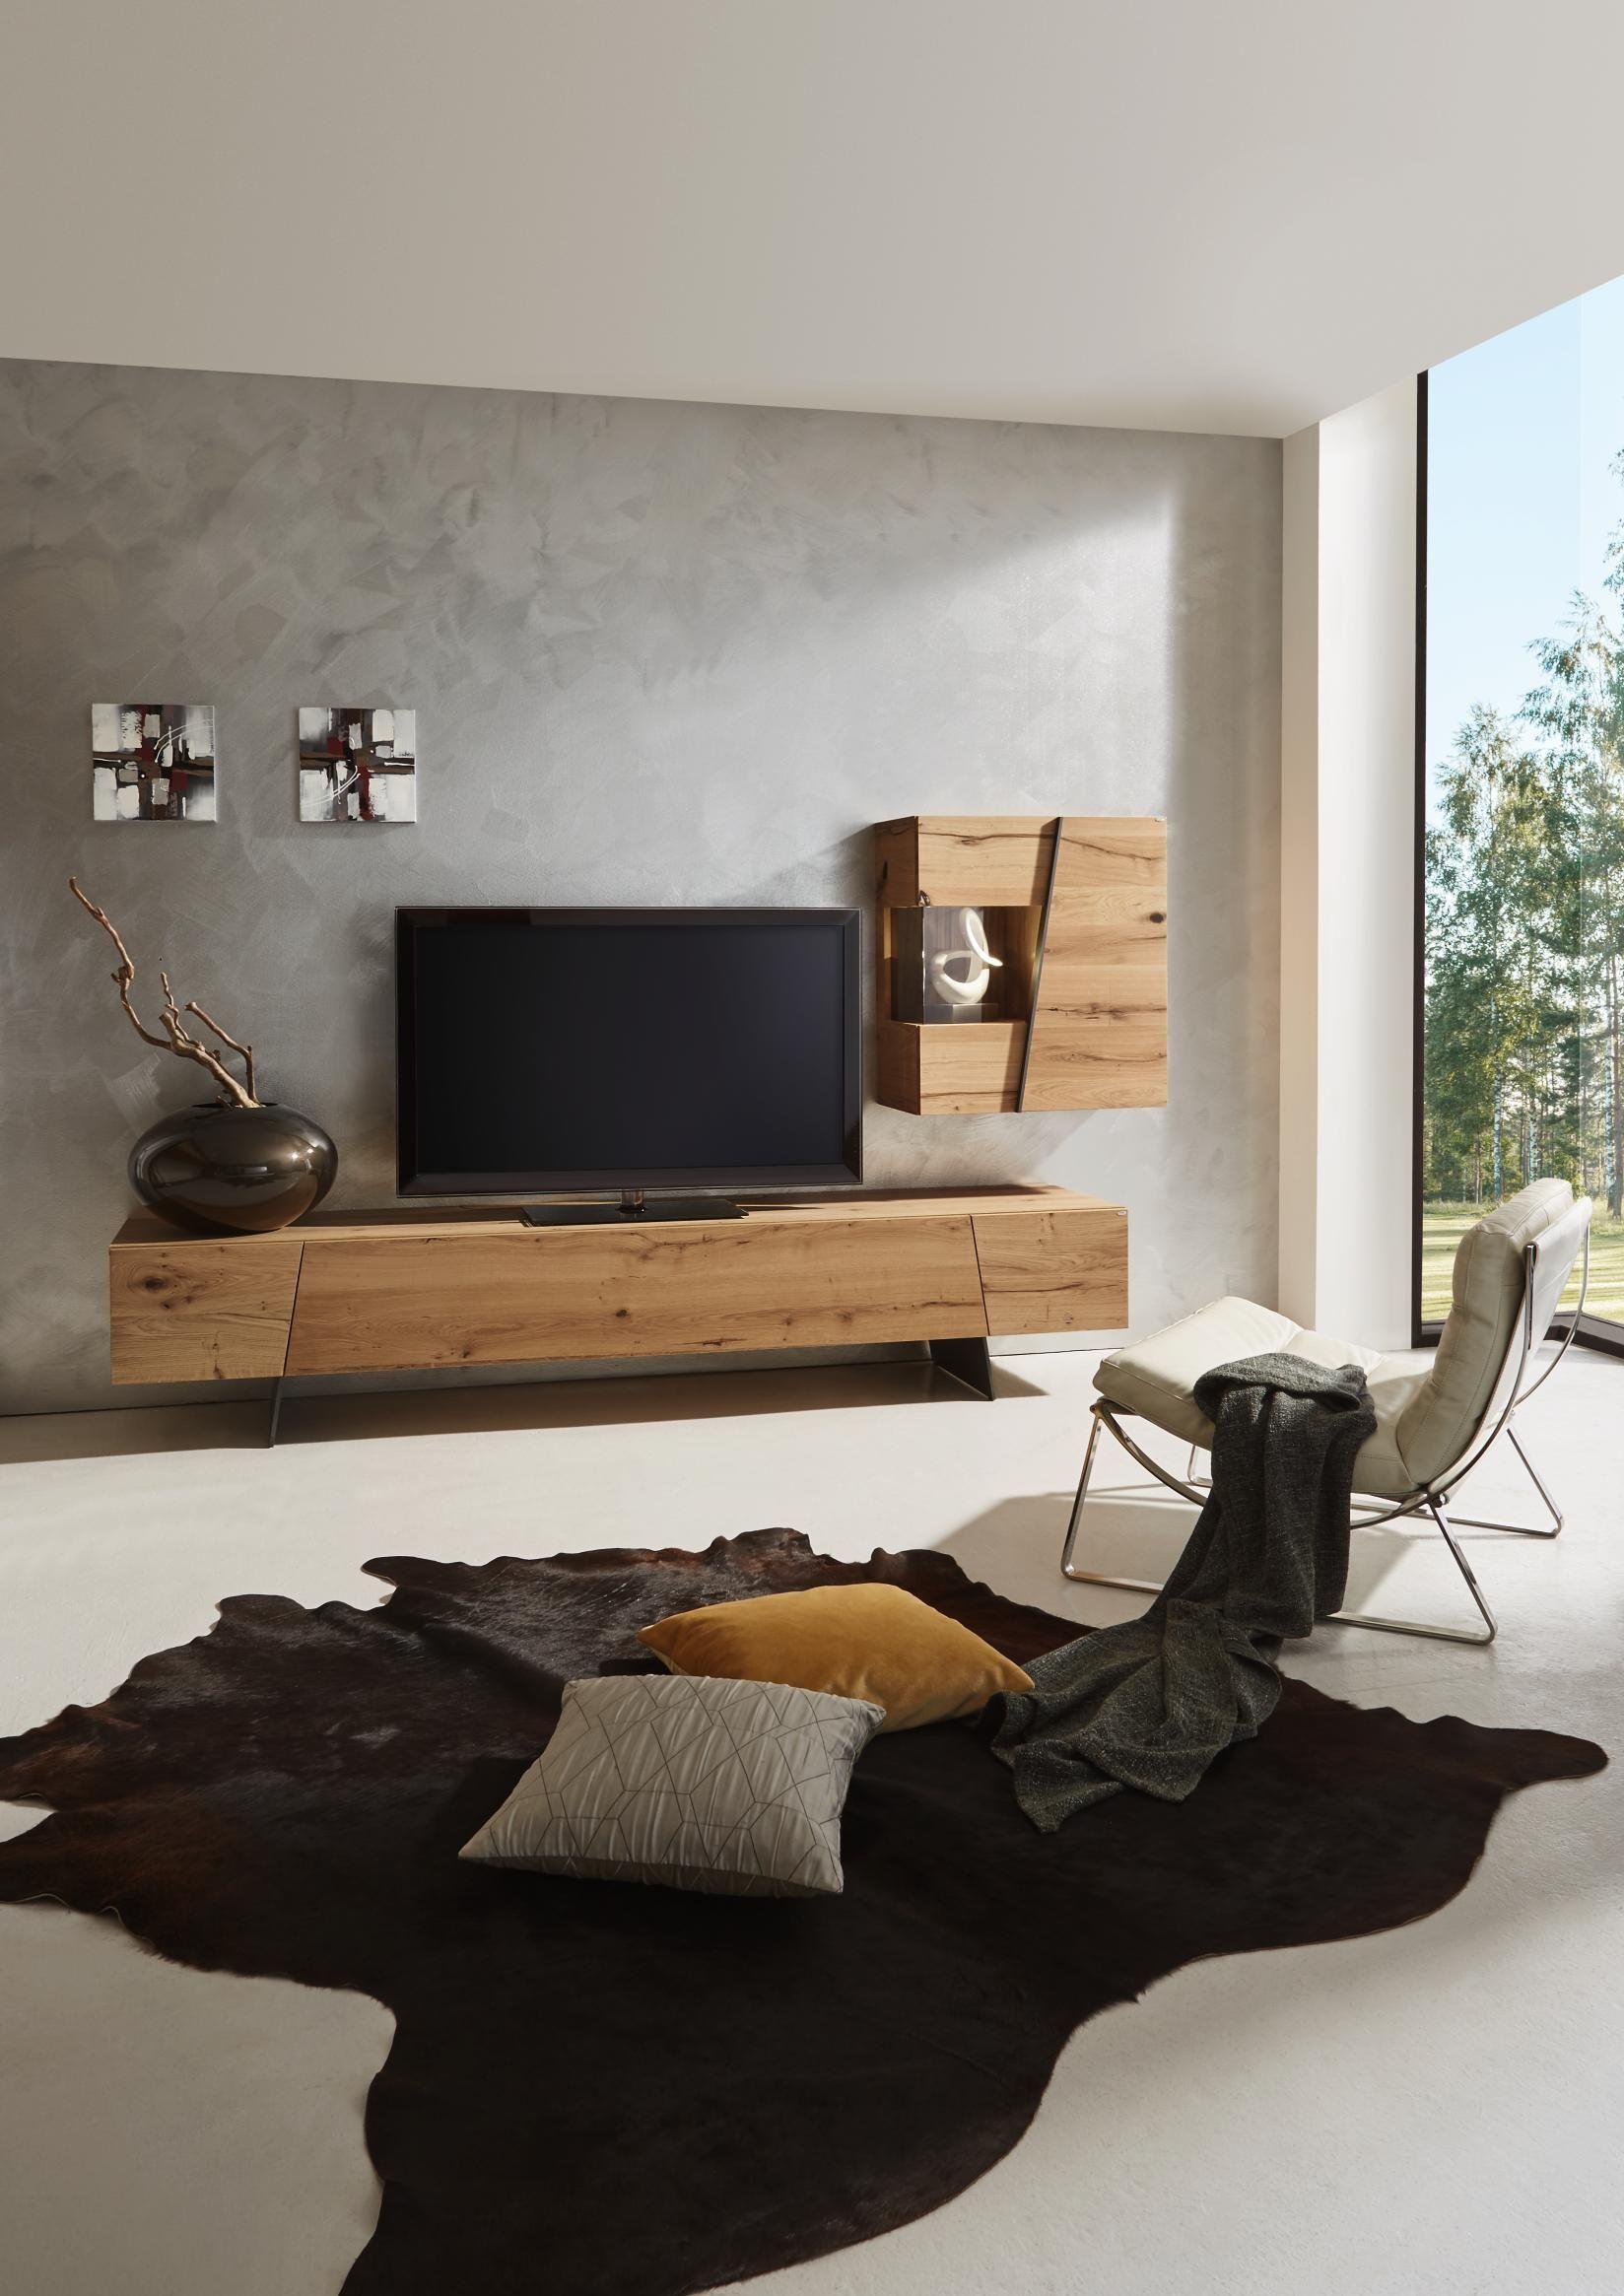 Wohnwand In Grau Naturfarben Von Voglauer Wohnen Wohnzimmer Gestalten Wohnung Wohnzimmer